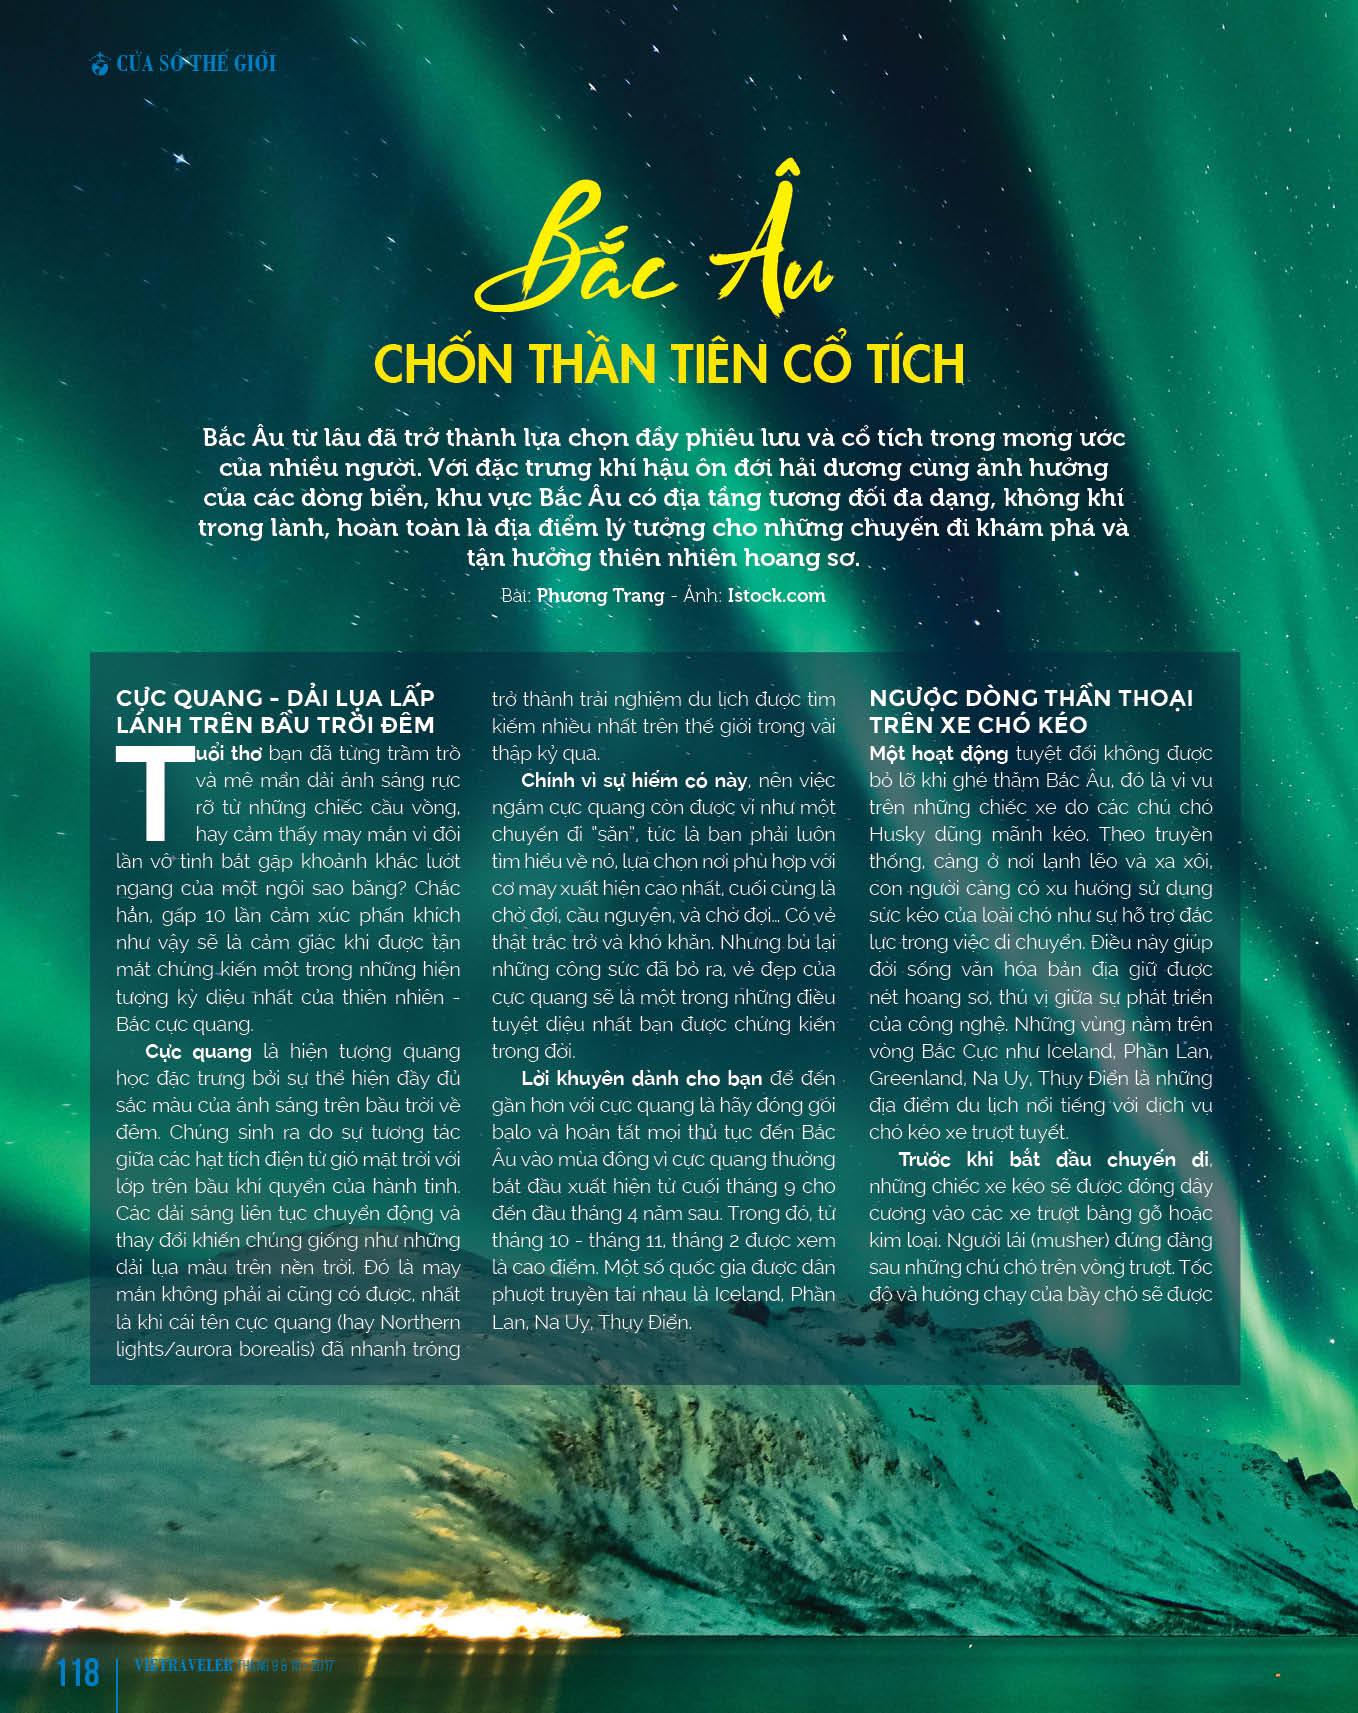 Trang 119